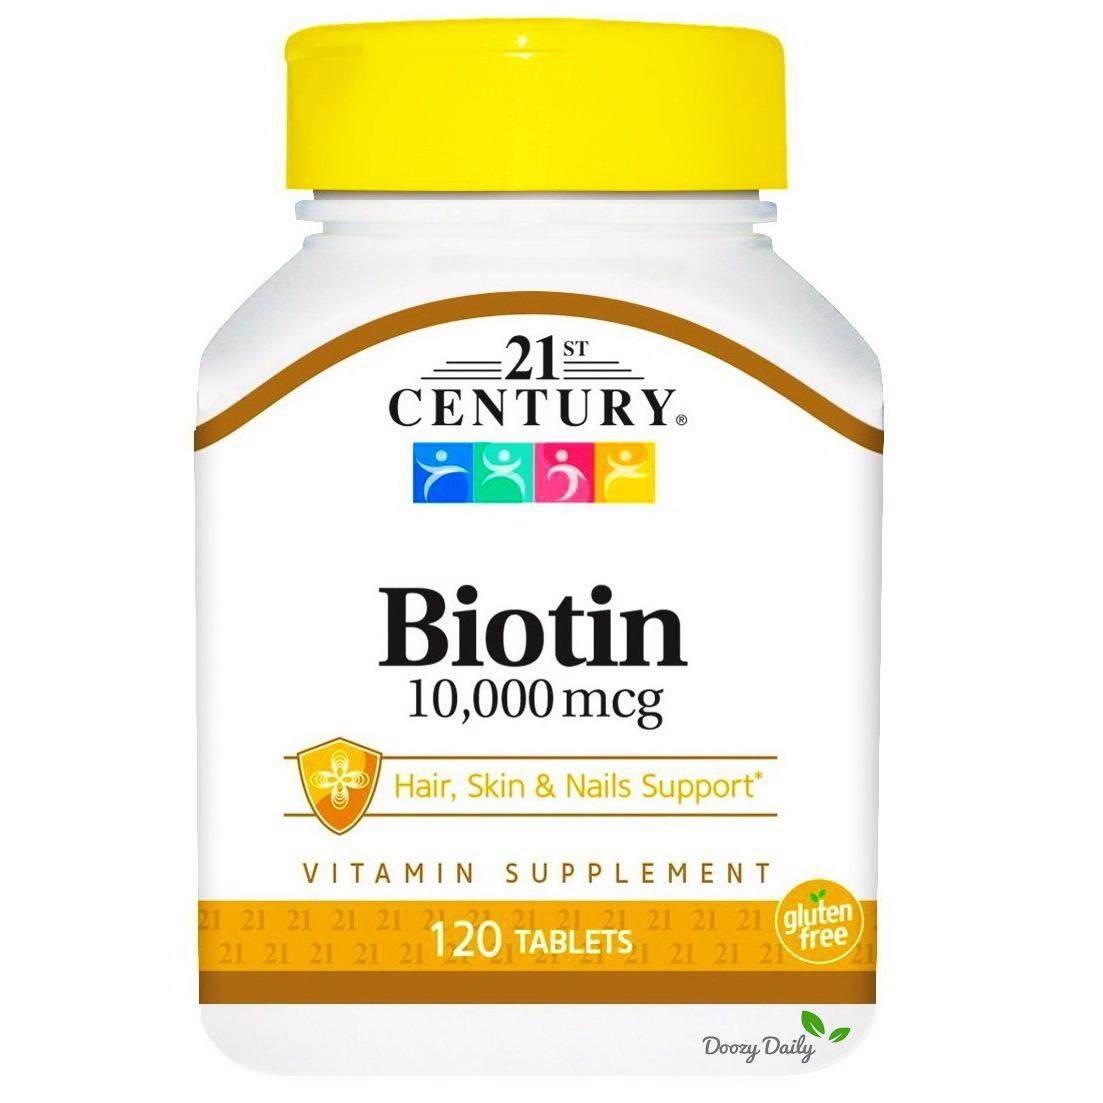 ซื้อ 21St Century Biotin 10 000 Mcg X 120 เม็ด ไบโอติน วิตามิน เส้นผม ผิวหนัง เล็บ แคลเซียม ถูก